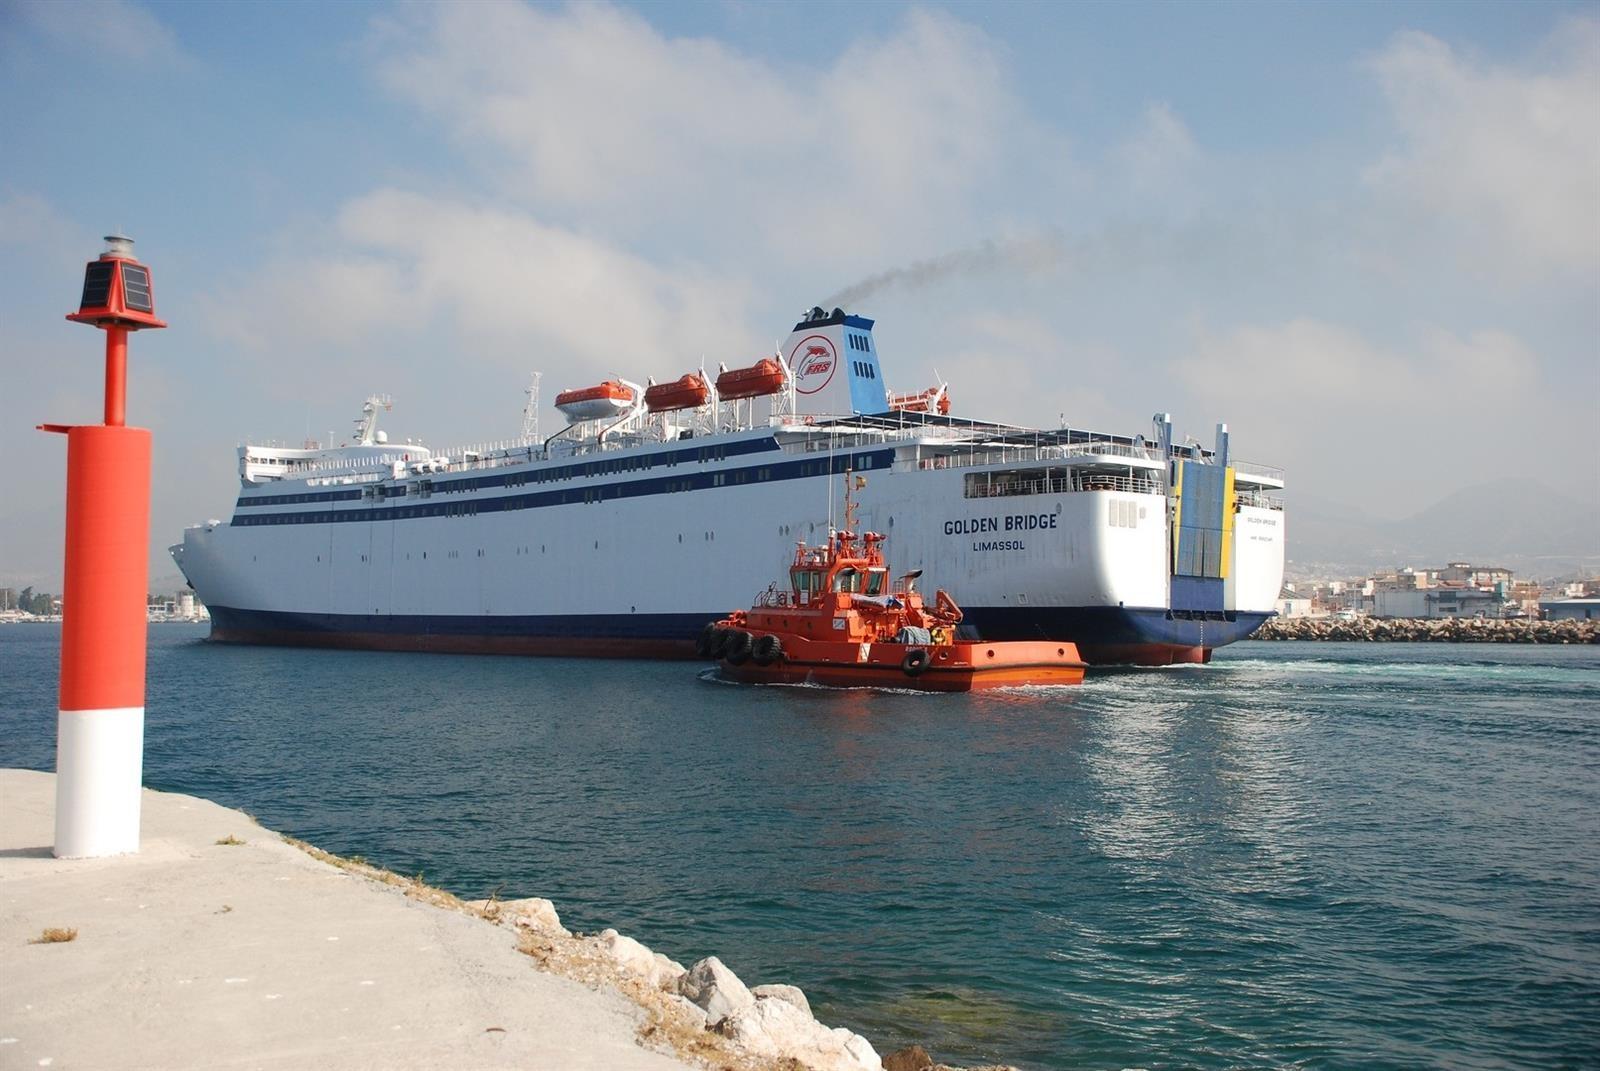 El buque Golden Bridge hace su primera travesía con pasajeros en la línea Motril-Melilla